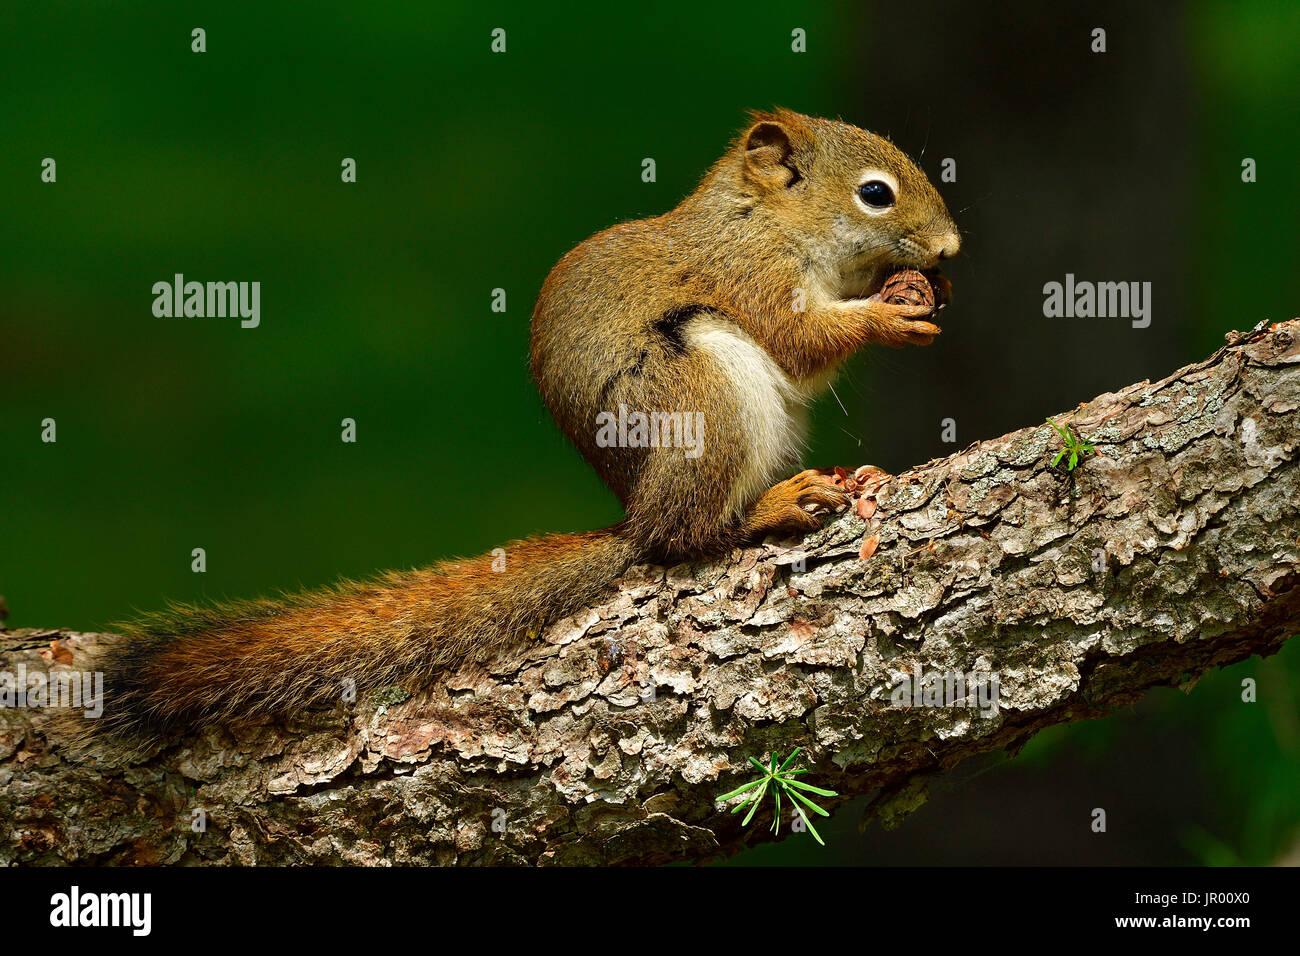 Uno scoiattolo rosso ( Tamiasciurus hudsonicus ); seduta su un ramo di albero tenendo un abete rosso cono fra i suoi paws. Immagini Stock